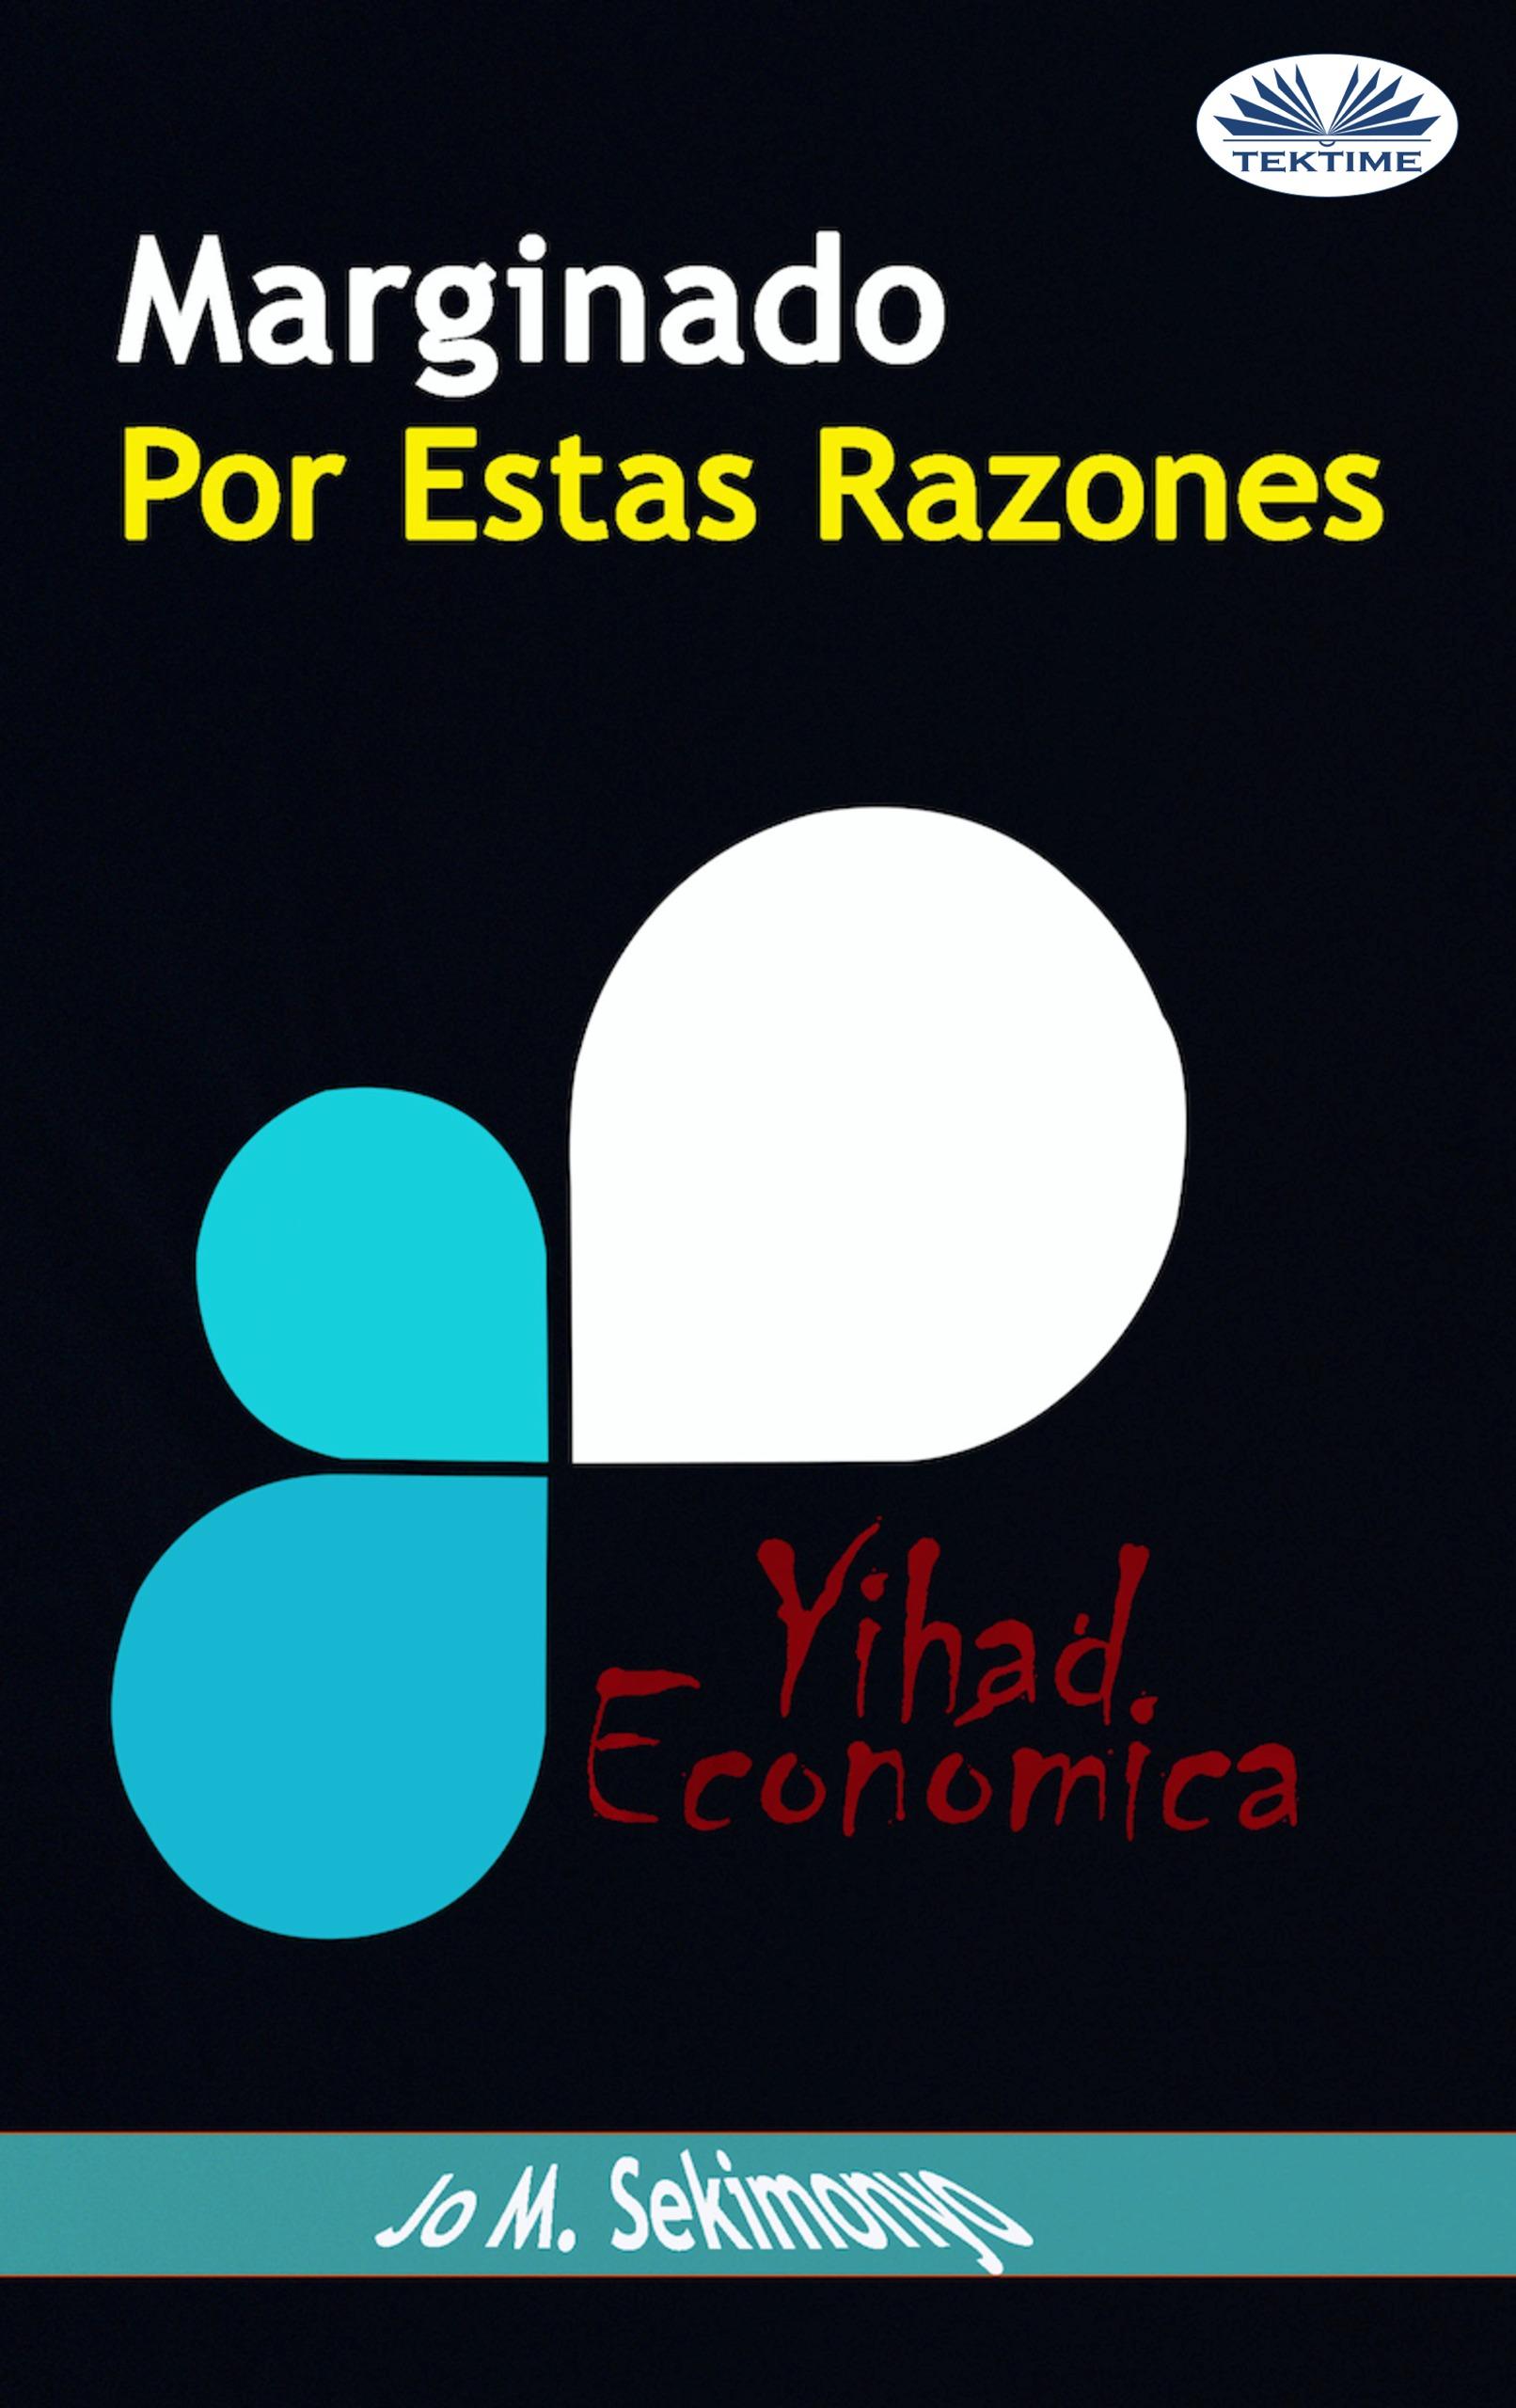 Обложка книги Marginado : Por Estas Razones.